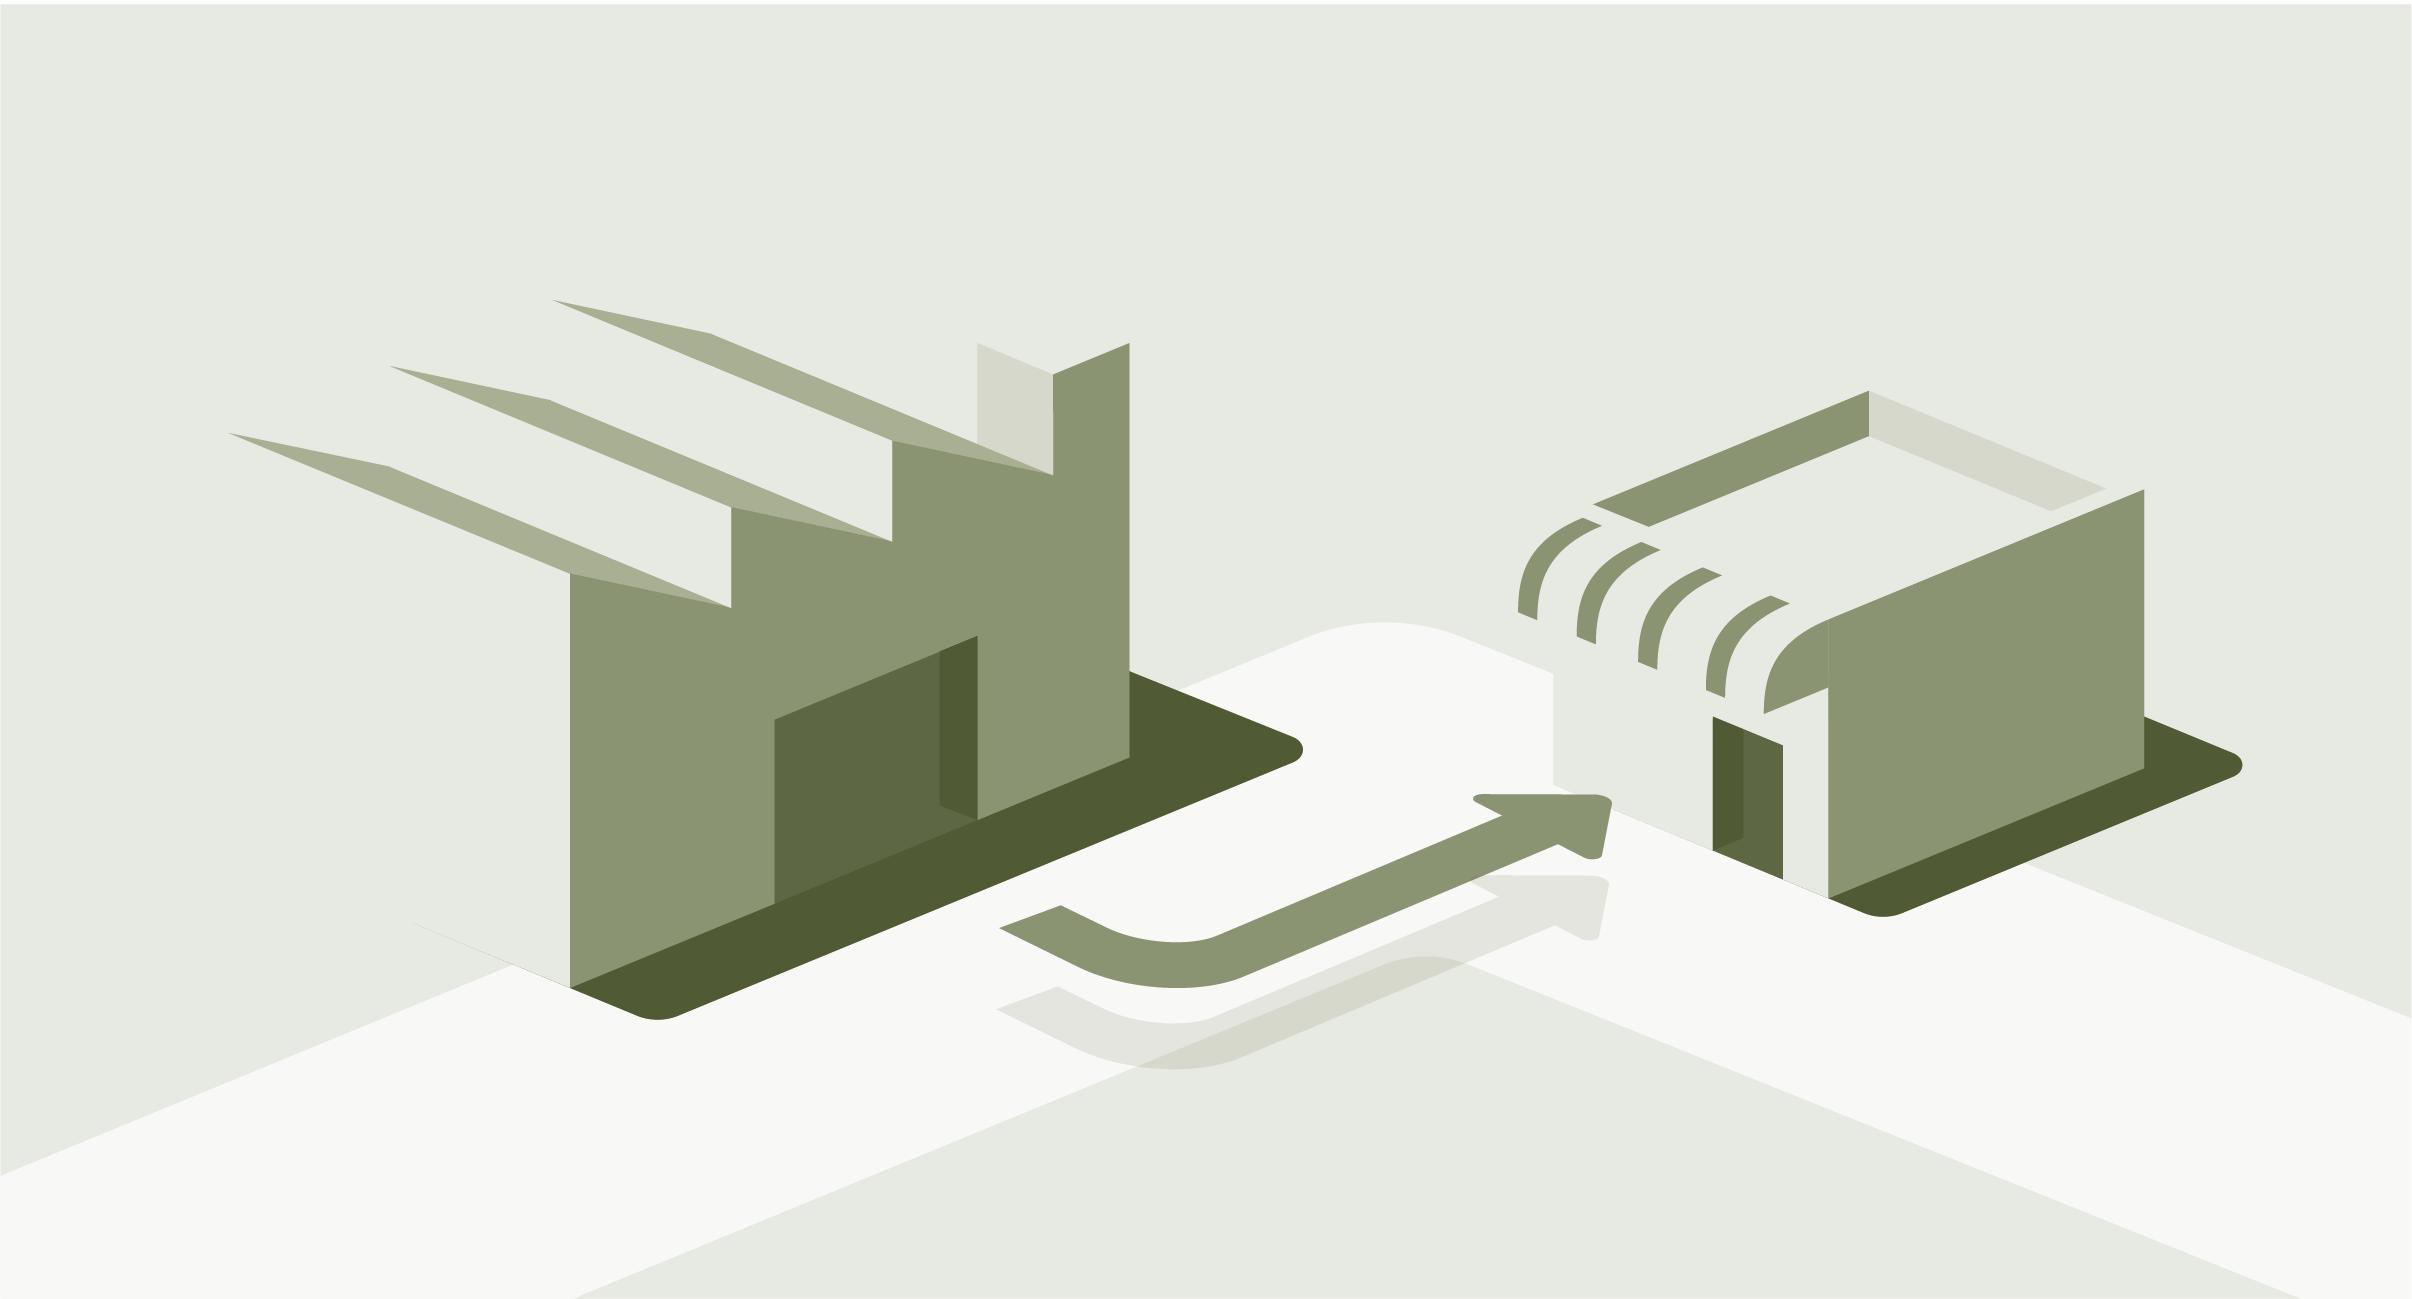 주류 공급 및 기업간 연결 이미지